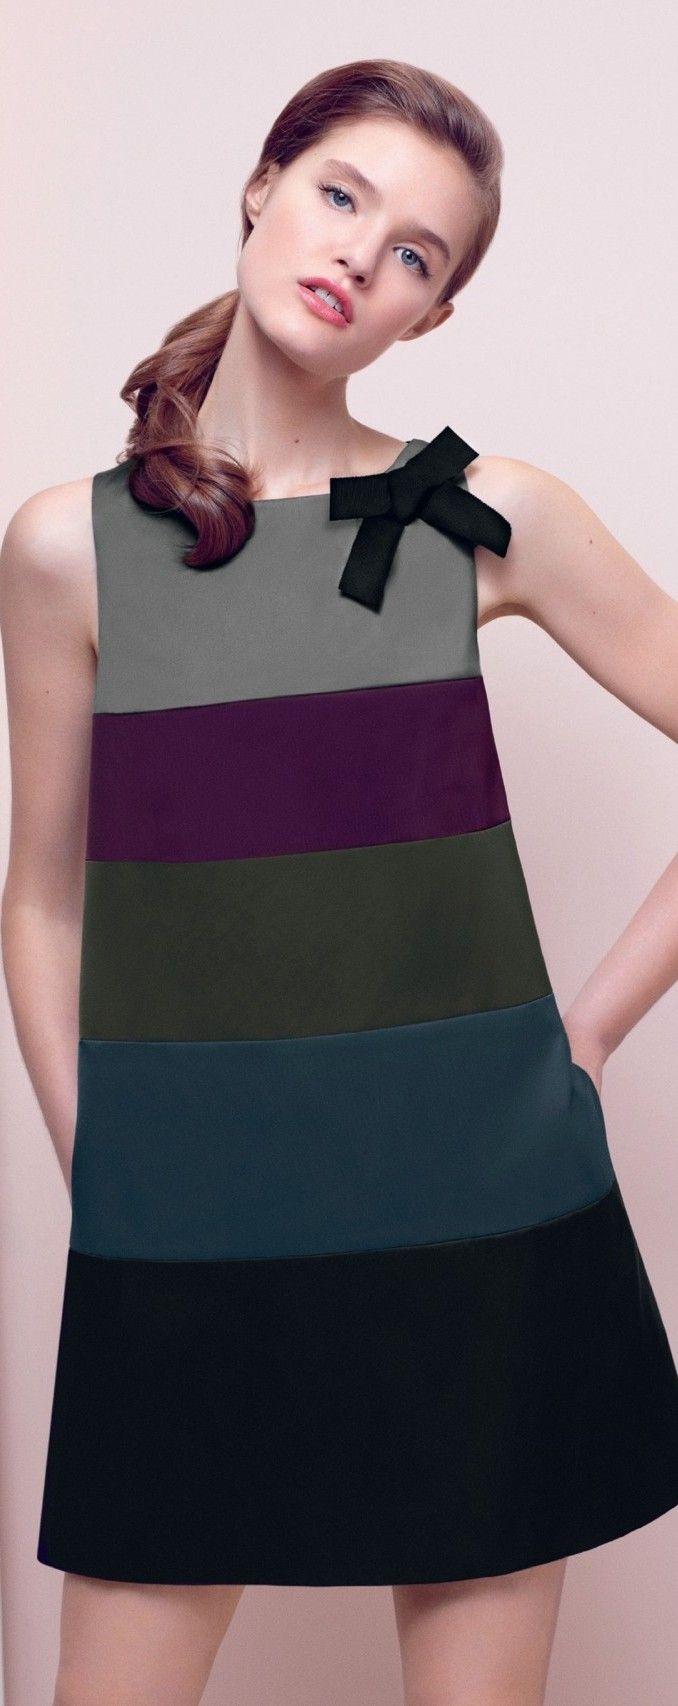 Divina la forma del vestido